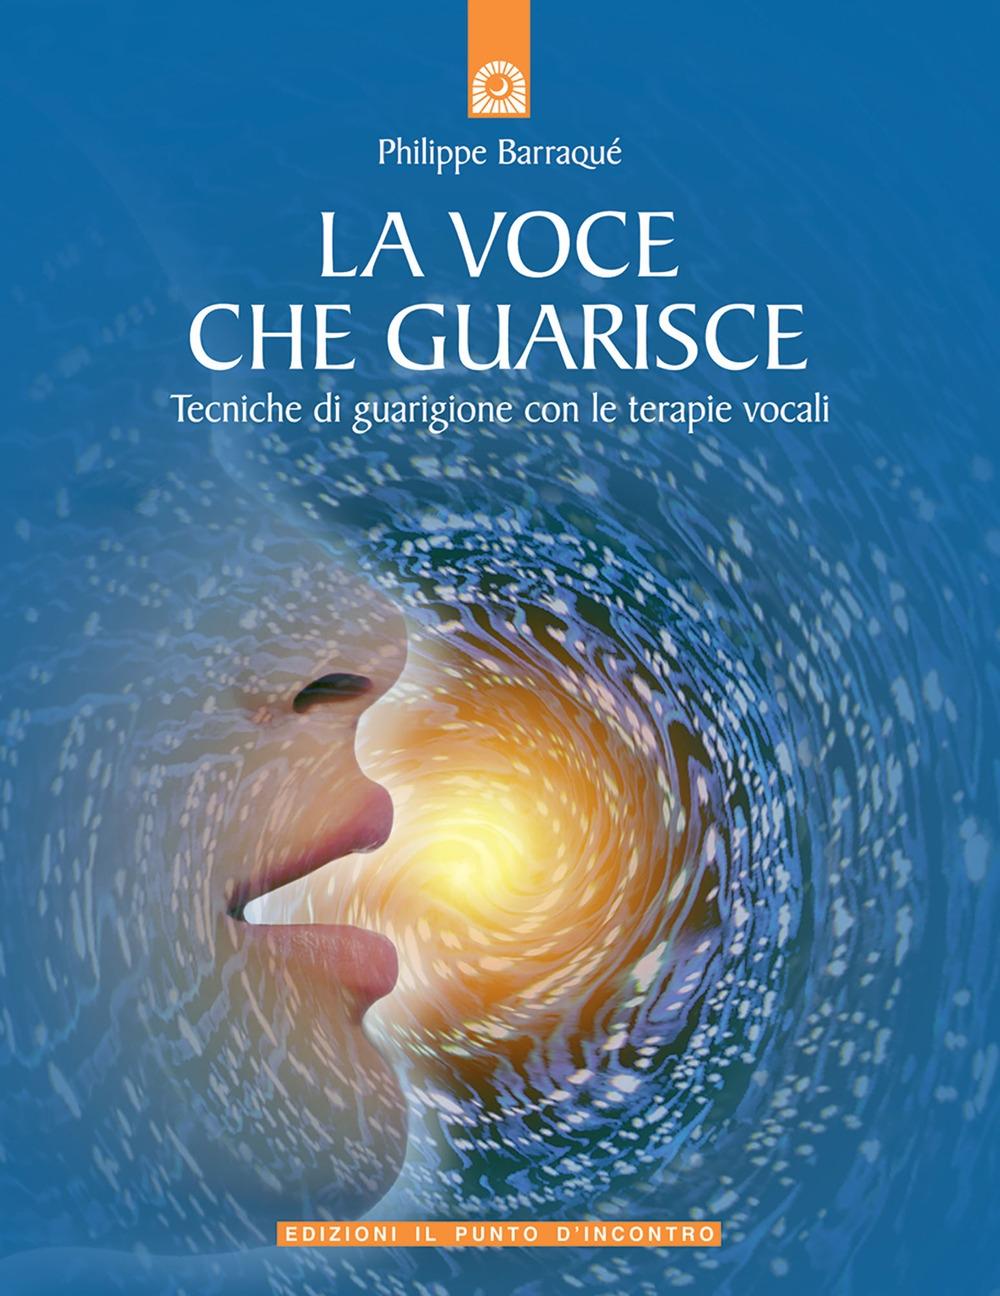 La voce che guarisce. Tecniche di guarigione con le terapie vocali